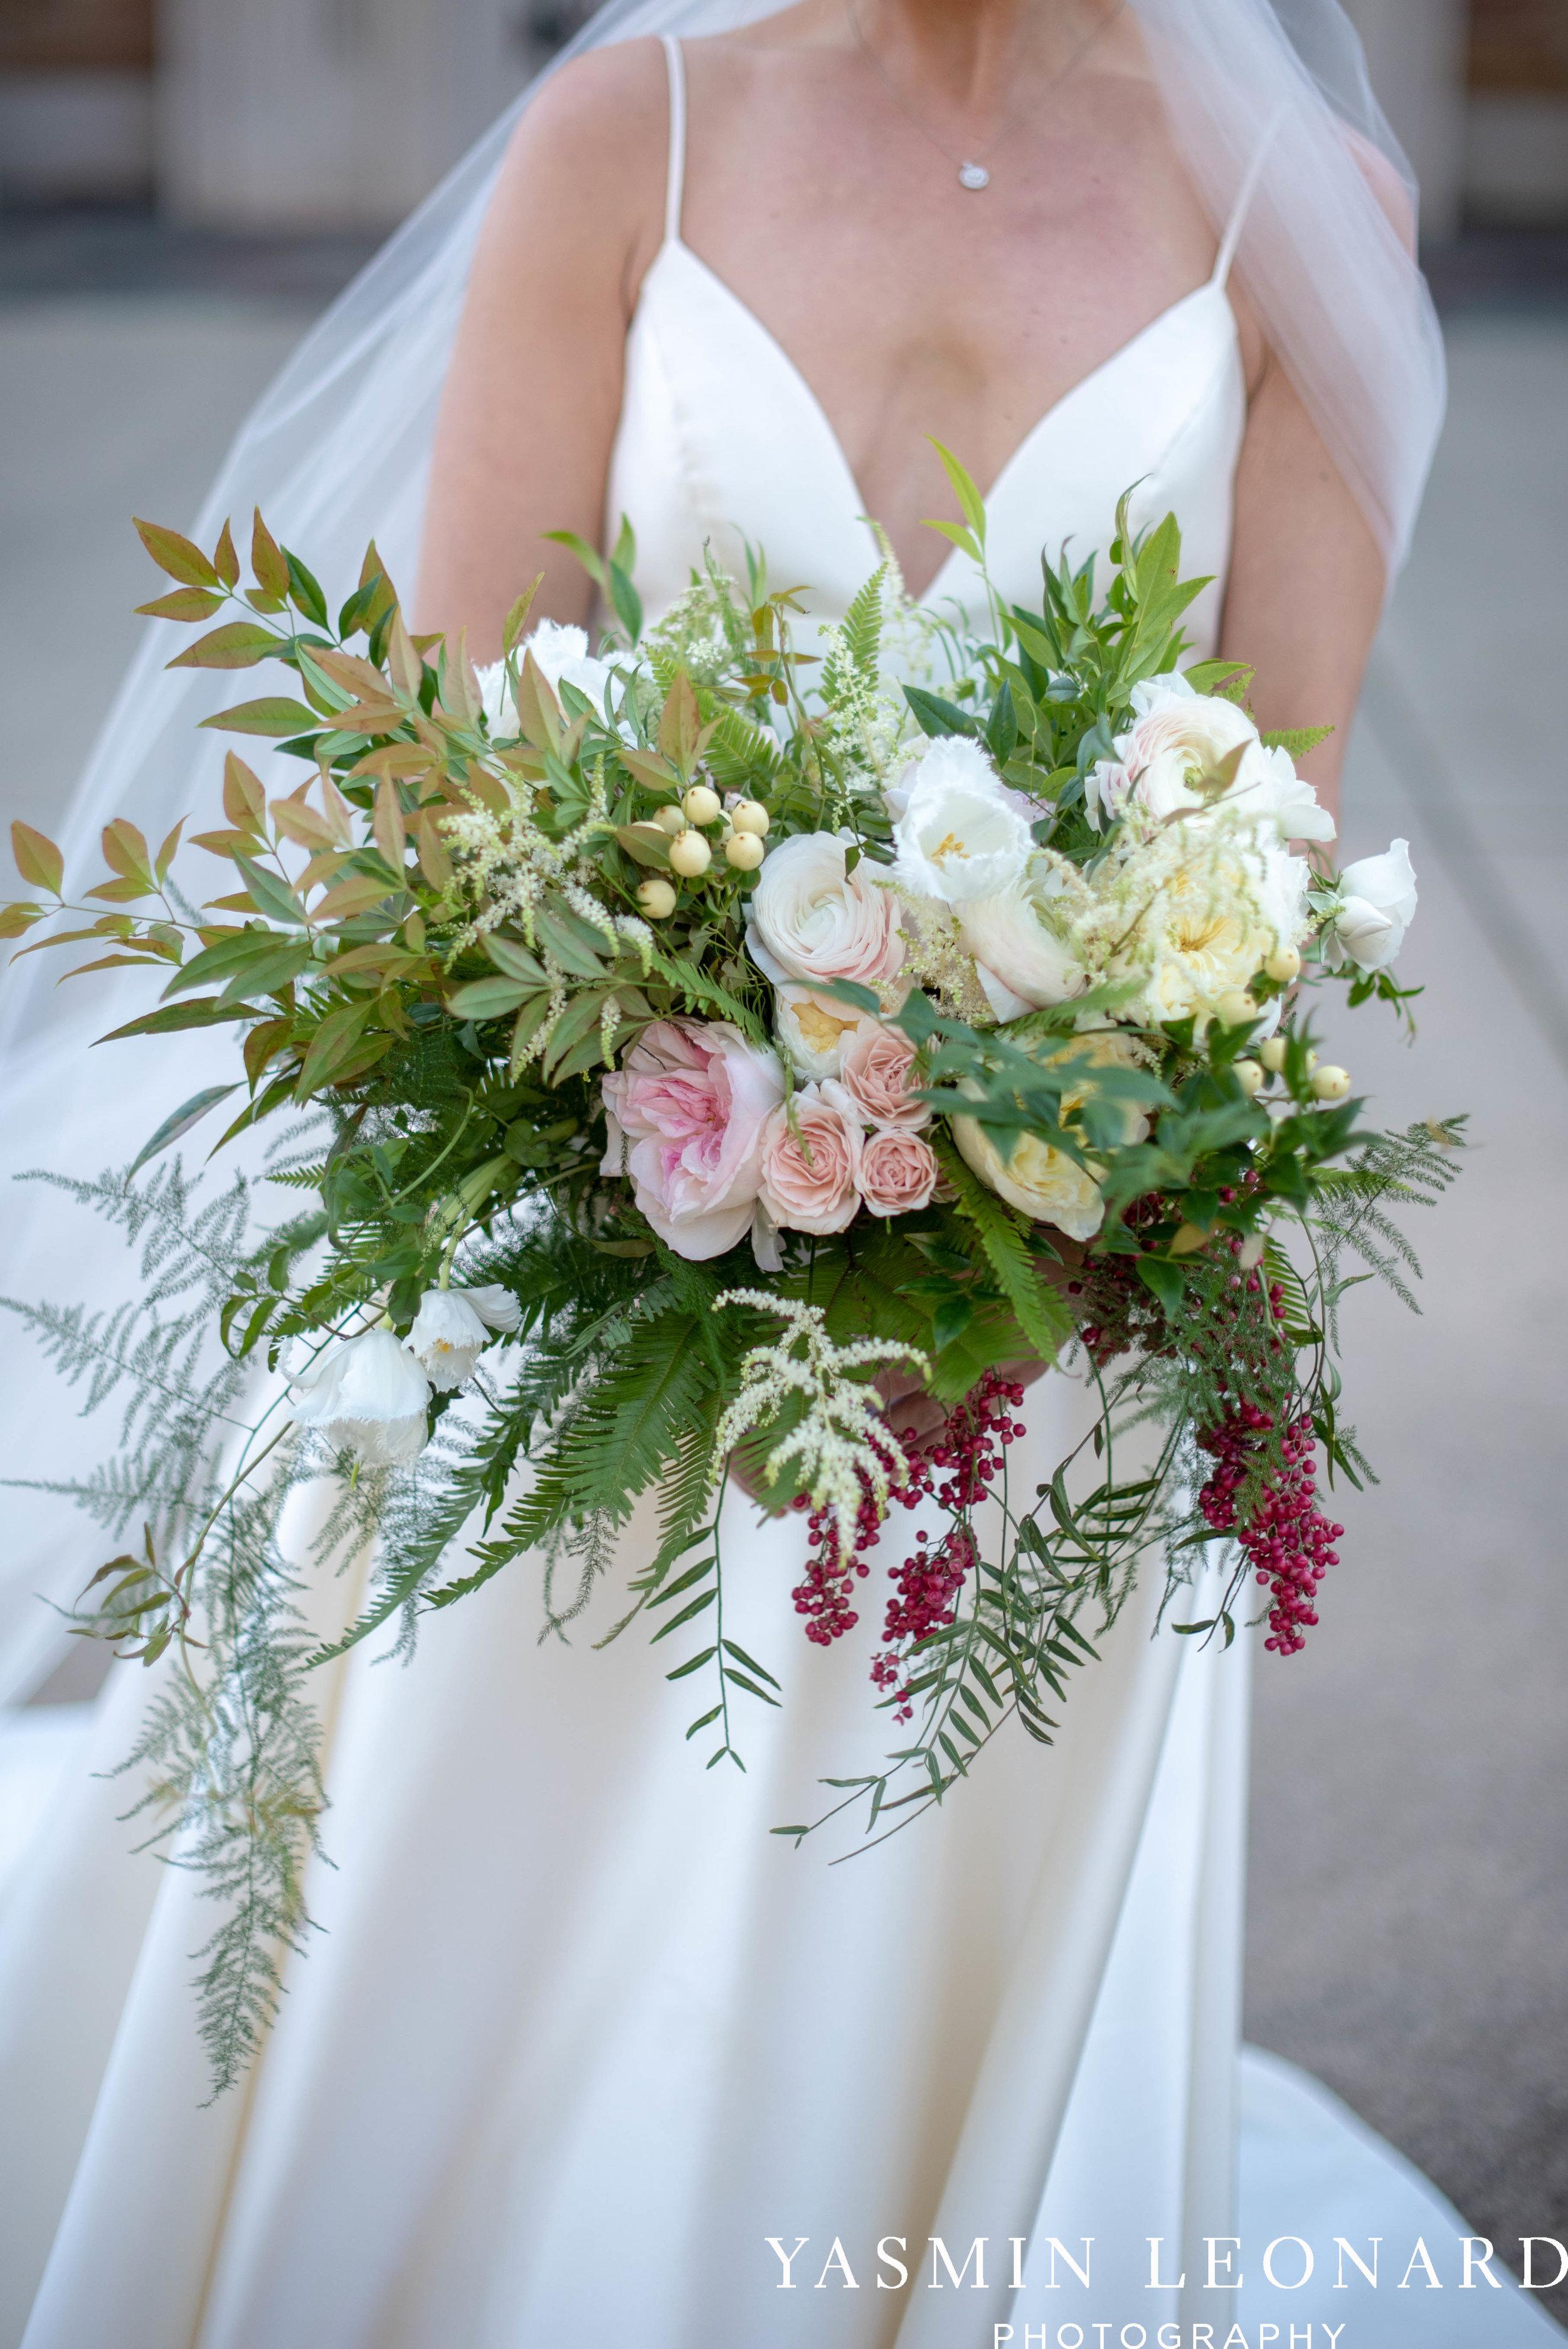 Wesley Memorial United Methodist Church - EmeryWood - High Point Weddings - High Point Wedding Photographer - NC Wedding Photographer - Yasmin Leonard Photography-8.jpg